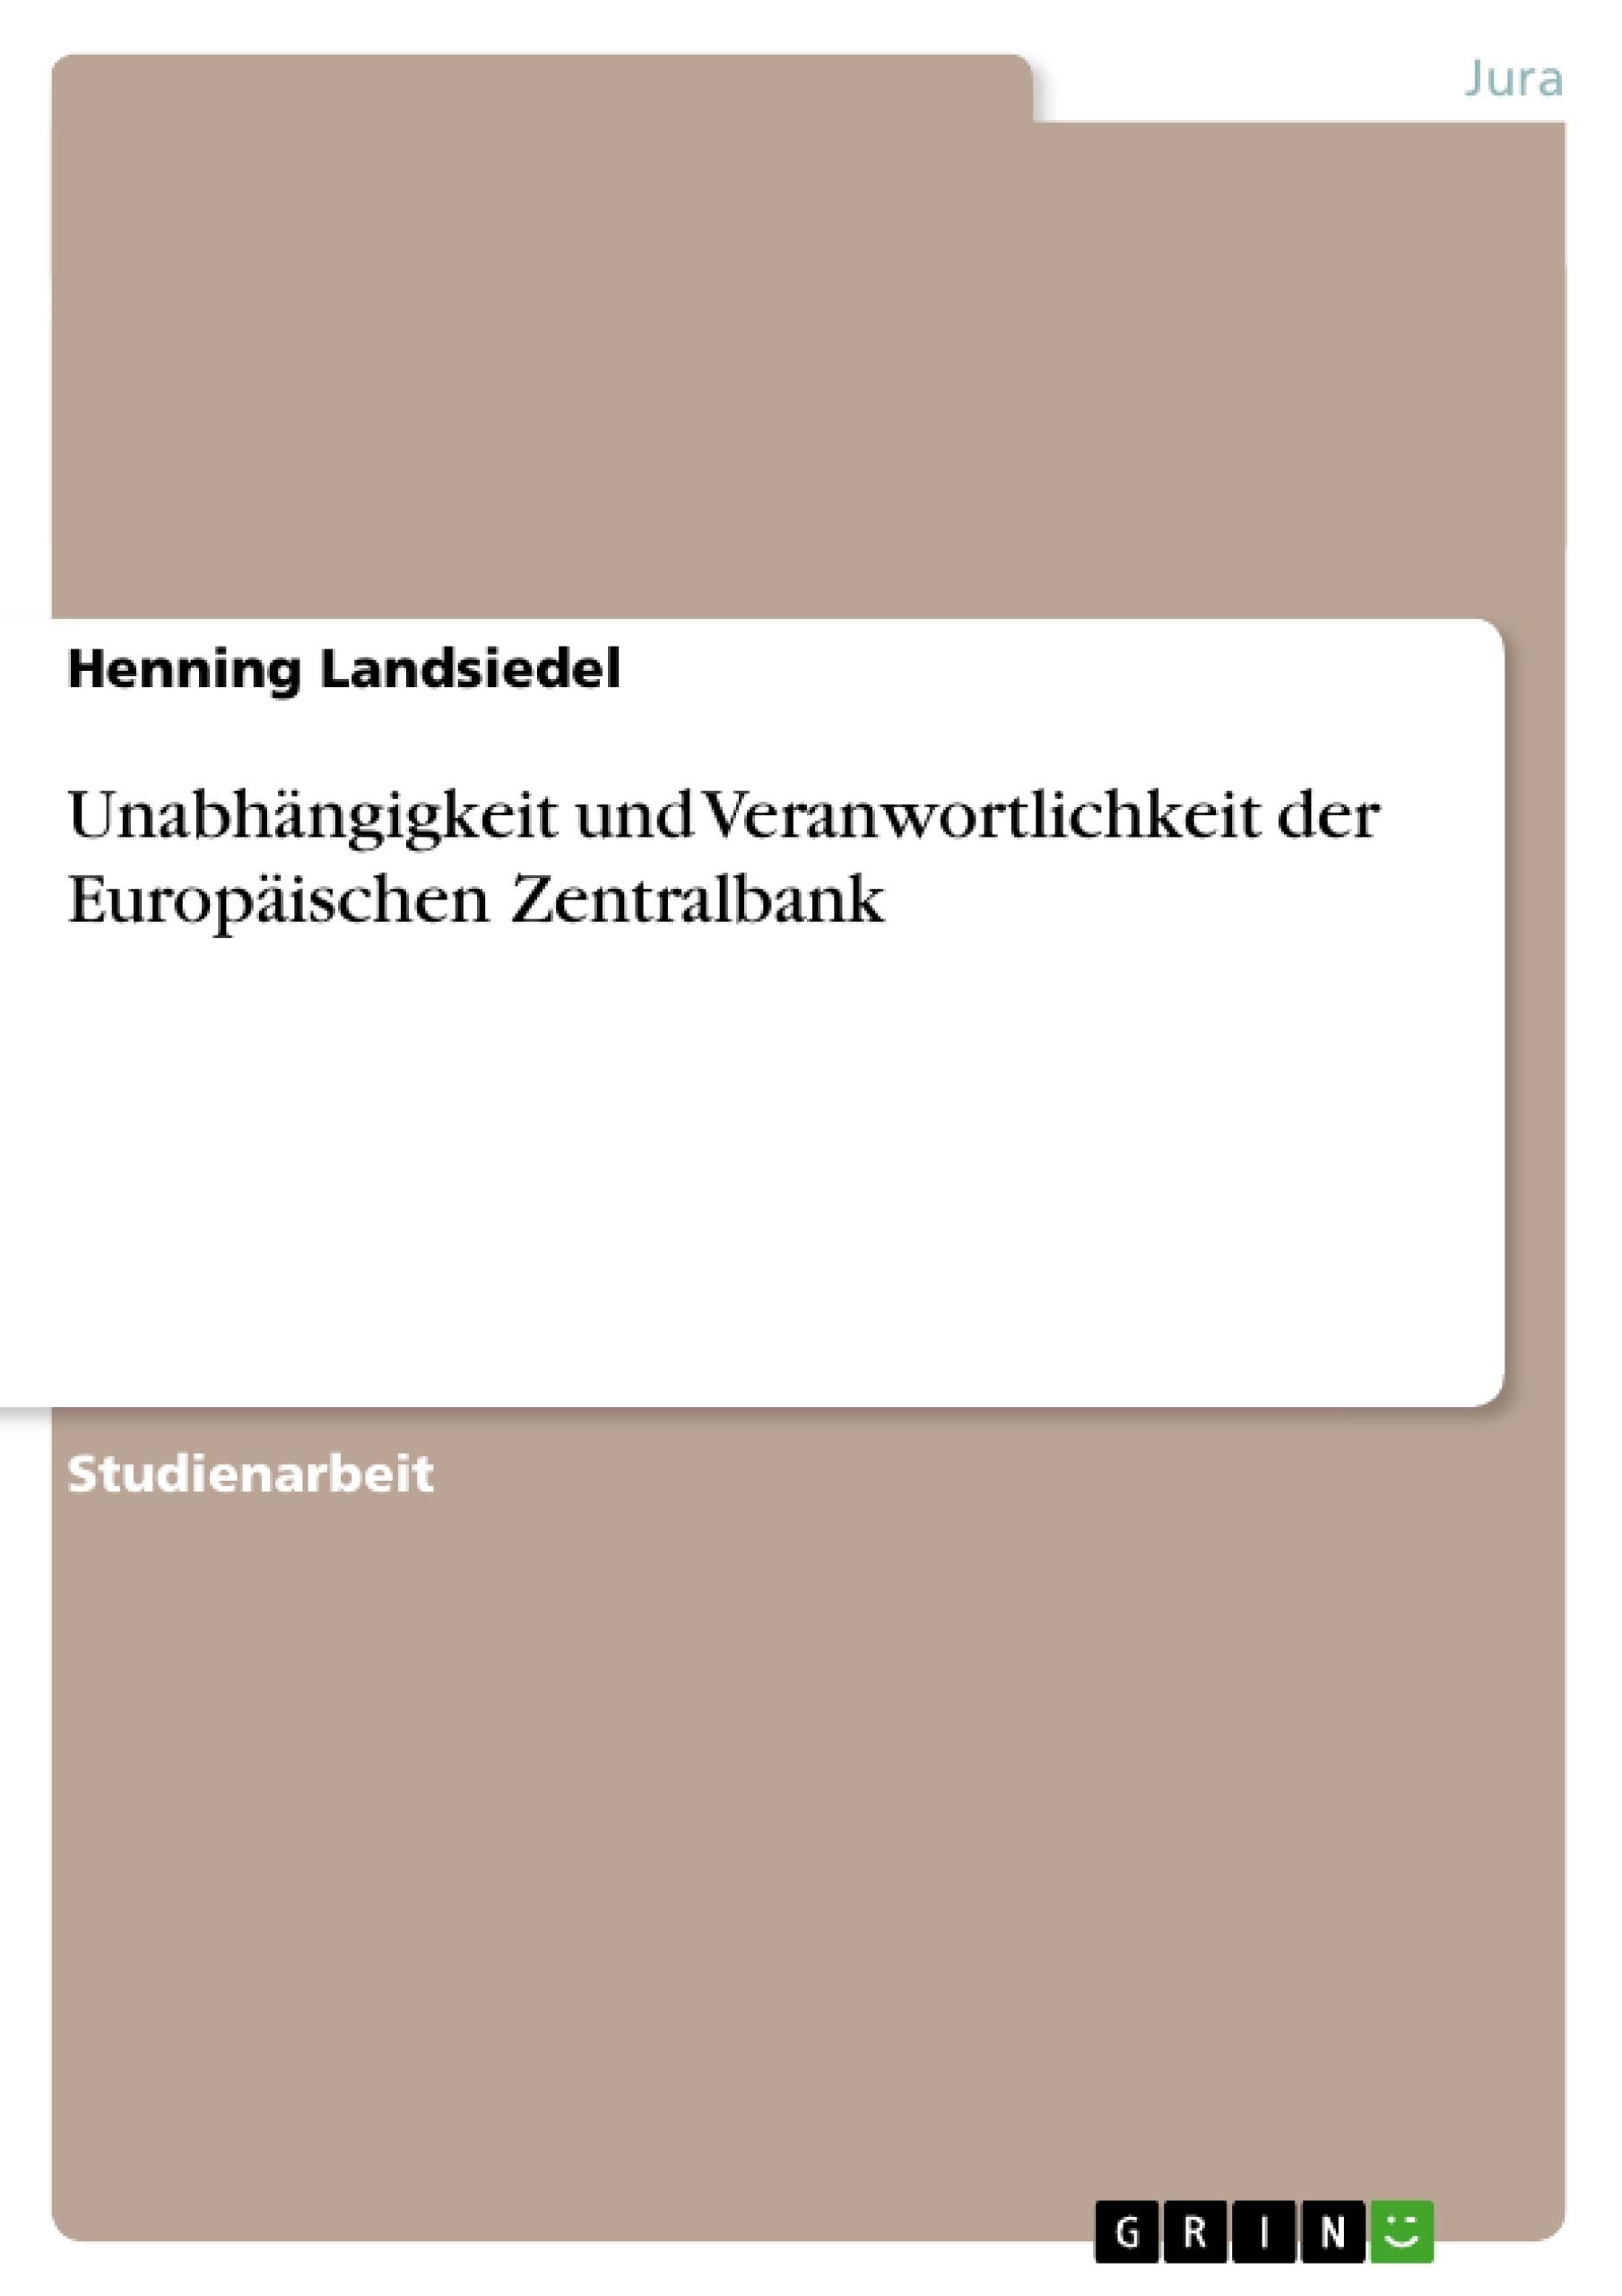 Titel: Unabhängigkeit und Veranwortlichkeit der Europäischen Zentralbank